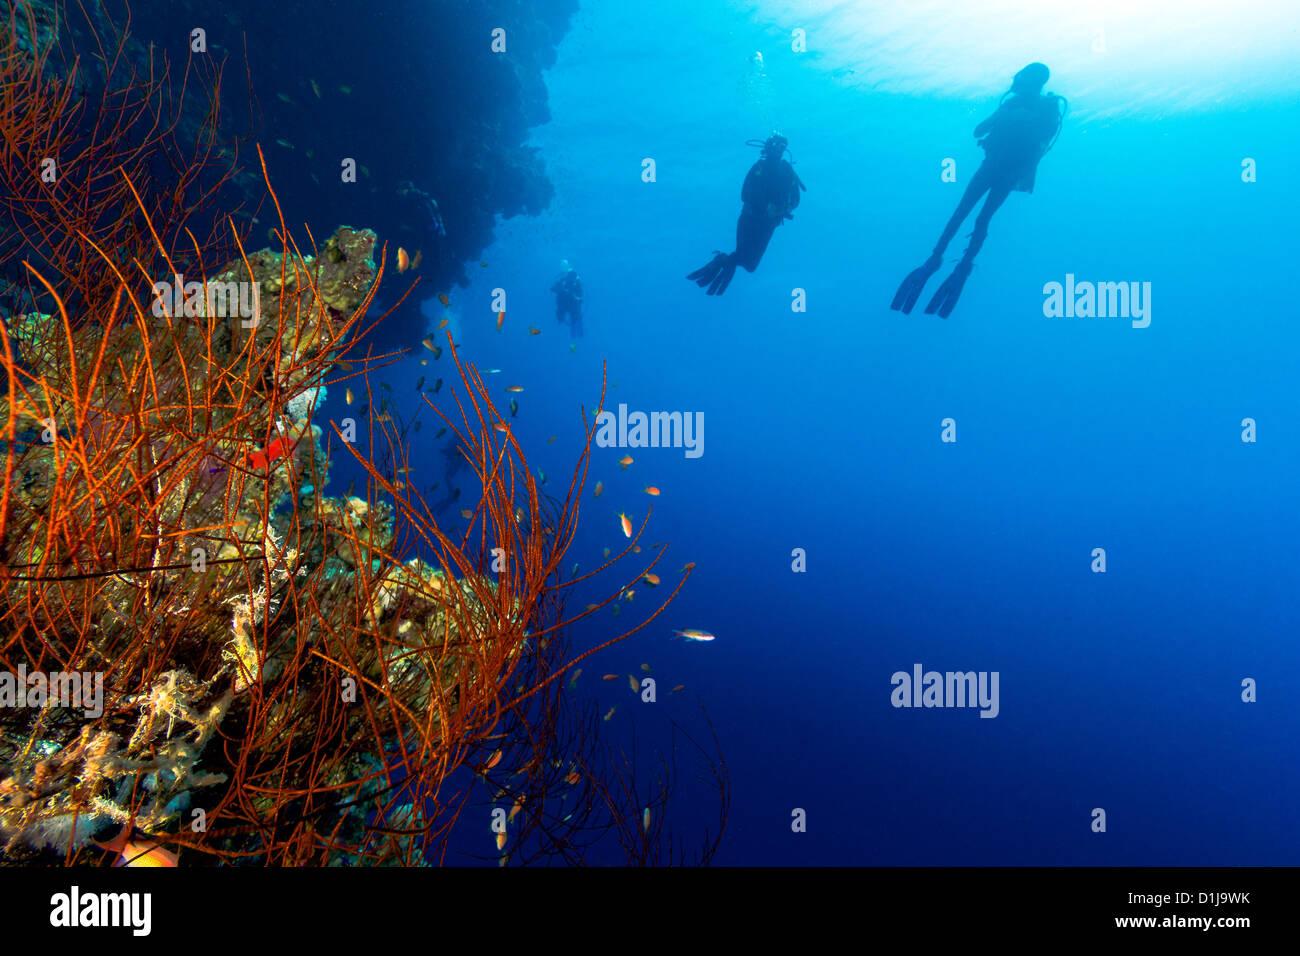 Un grupo de buzos en silueta nadar junto a un látigo coral en un arrecife profundo wall Foto de stock